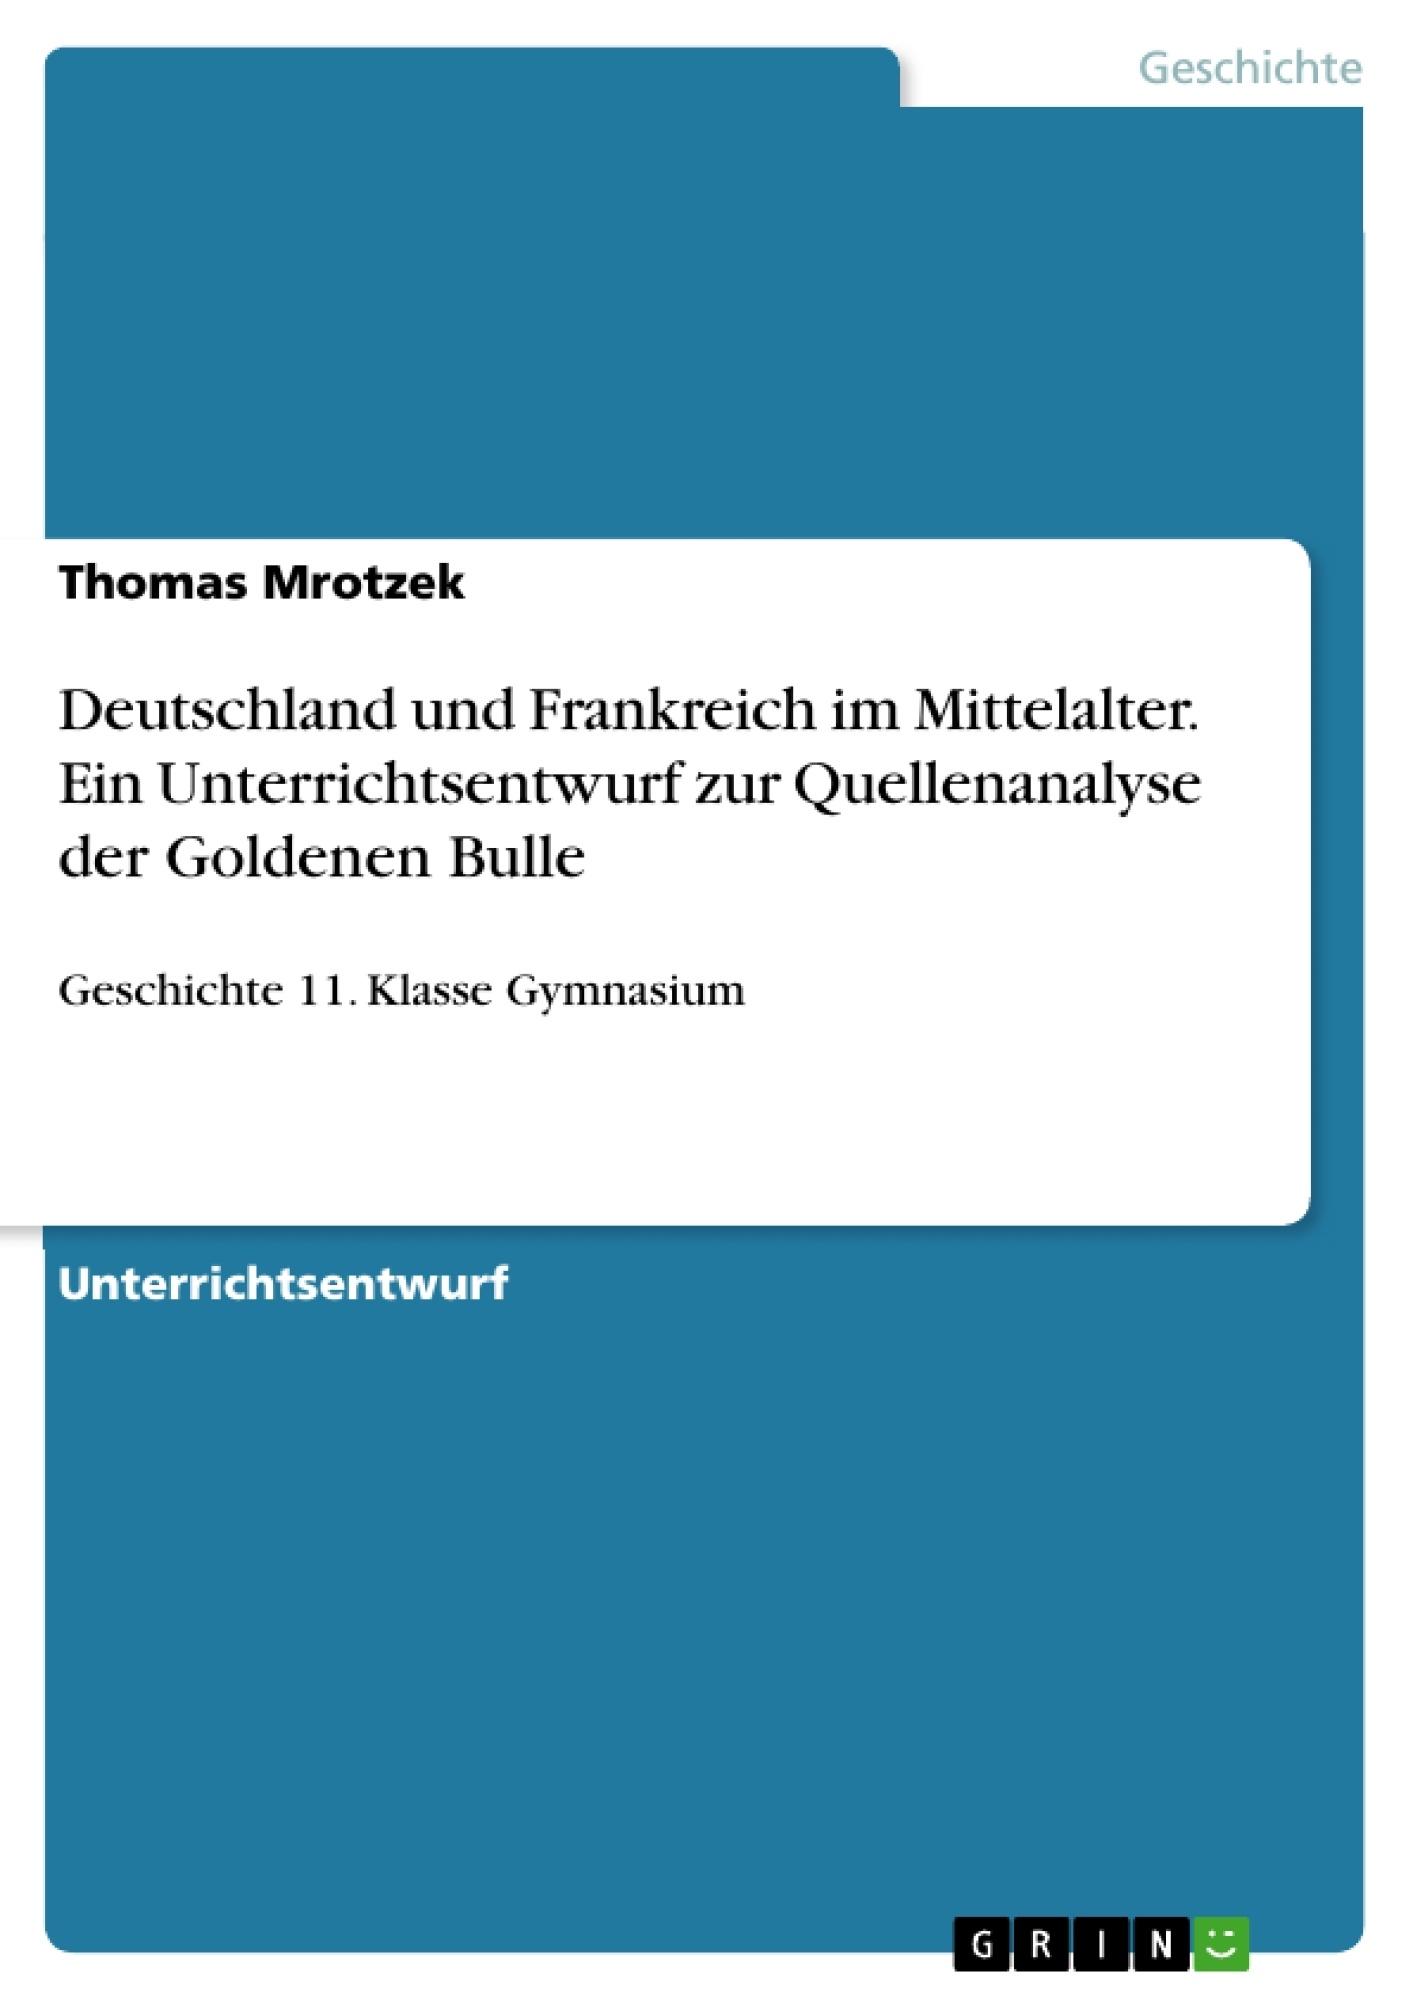 Titel: Deutschland und Frankreich im Mittelalter. Ein Unterrichtsentwurf zur Quellenanalyse der Goldenen Bulle